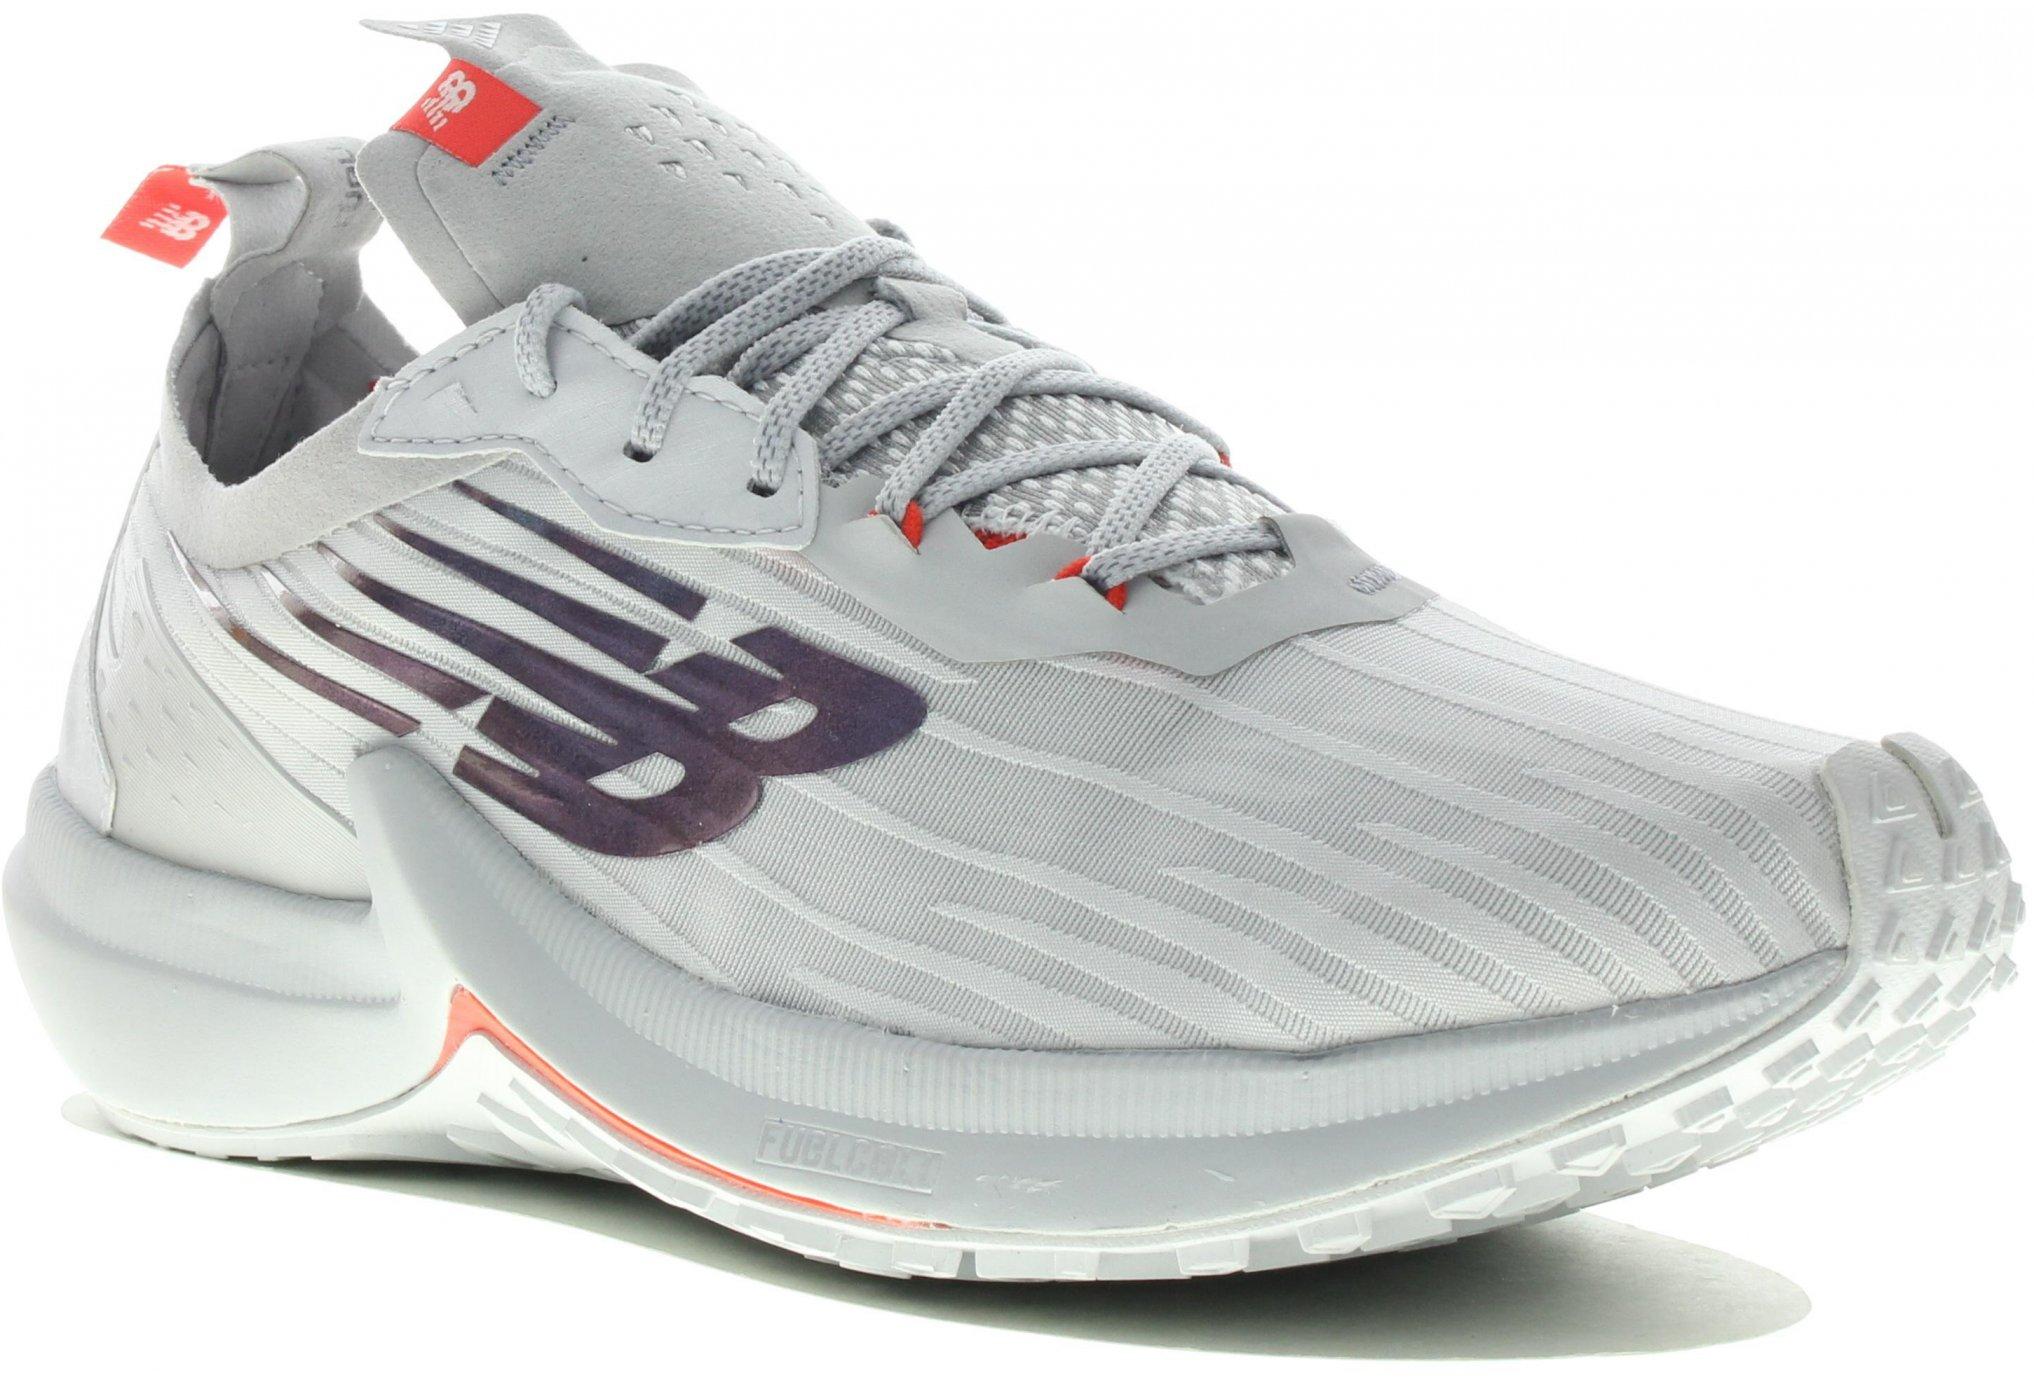 New Balance FuelCell Speedrift Chaussures running femme